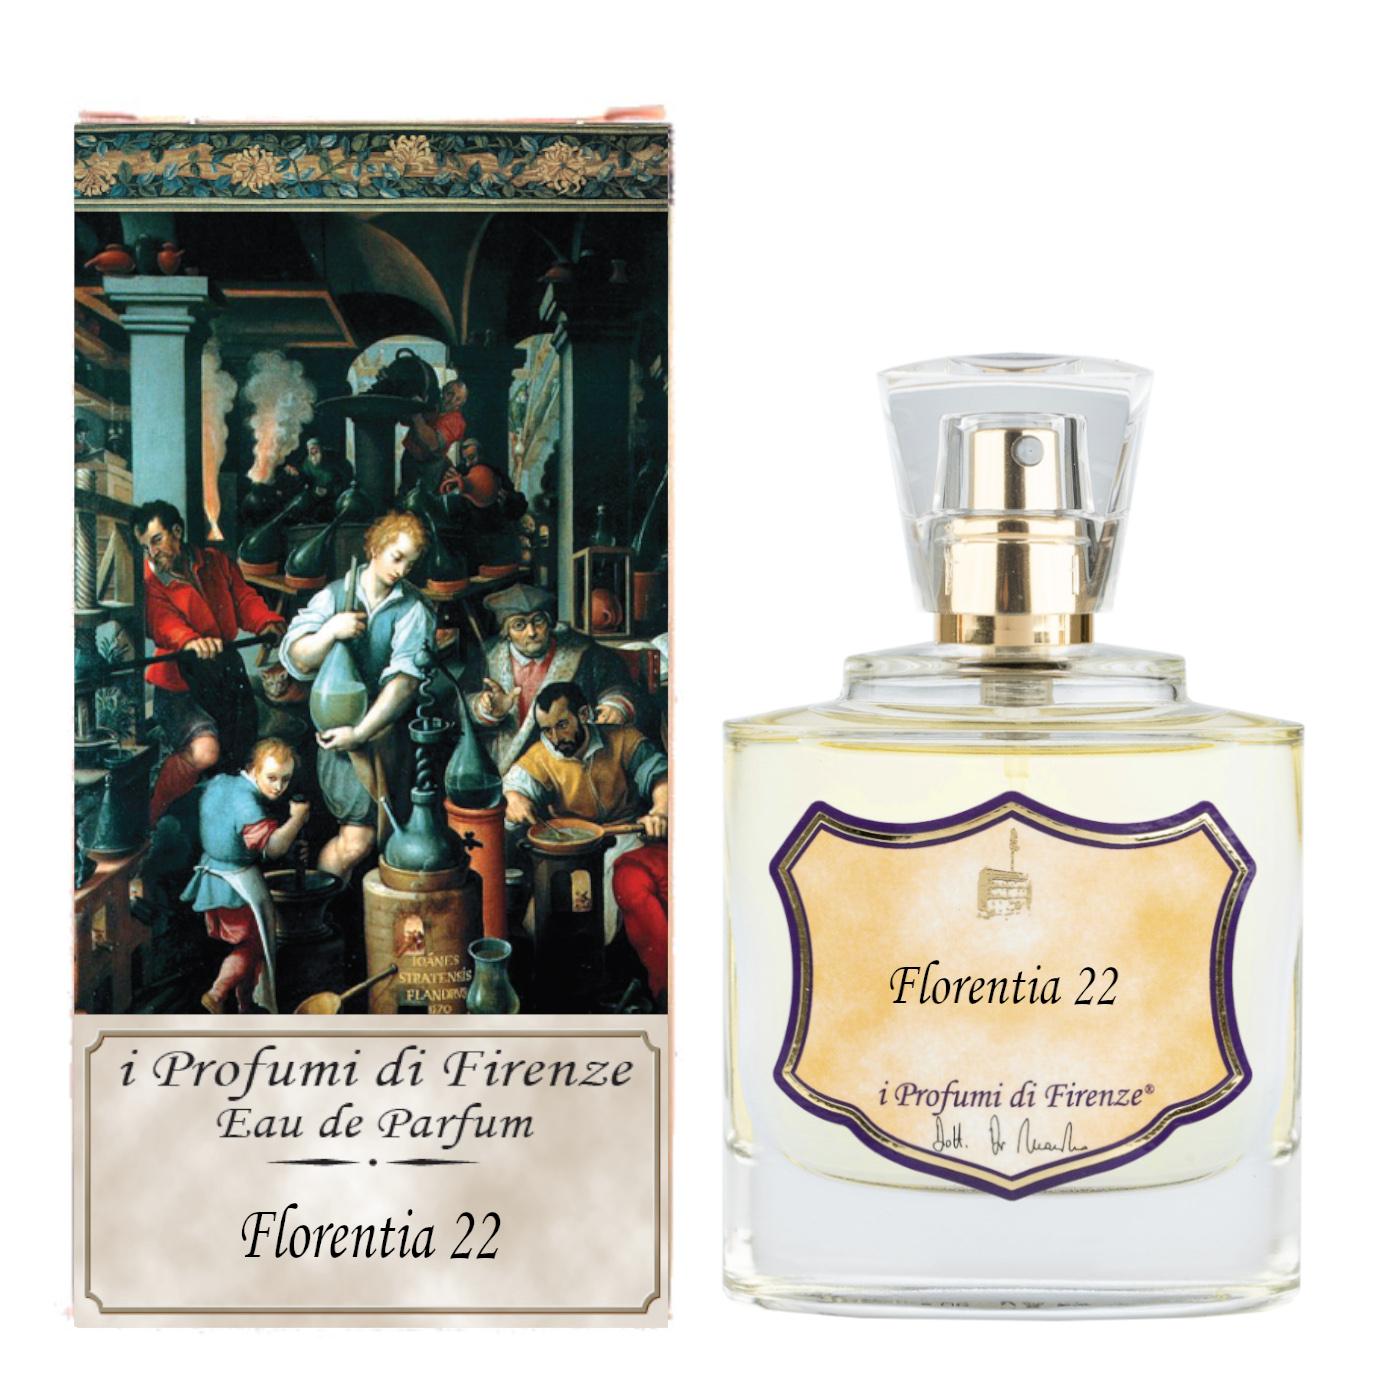 FLORENTIA 22 PESCA E FIORI - Eau de Parfum-0